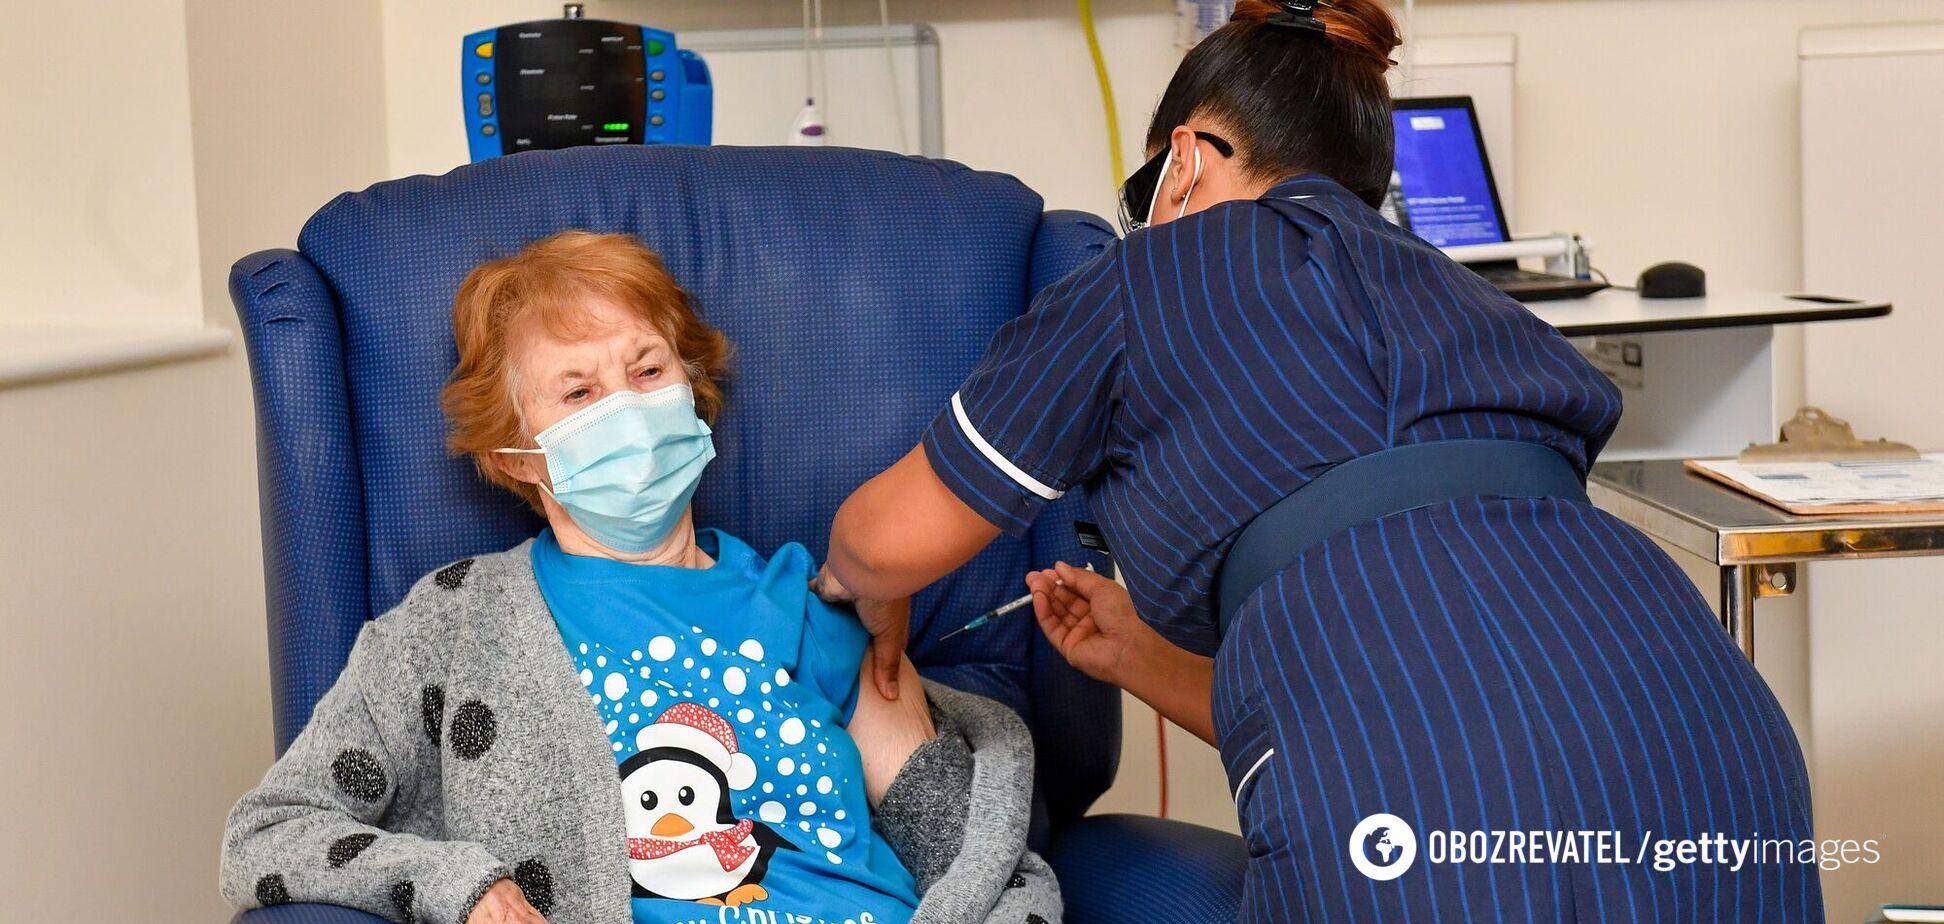 Британия начала массовую вакцинацию от COVID-19: фото с первыми привитыми